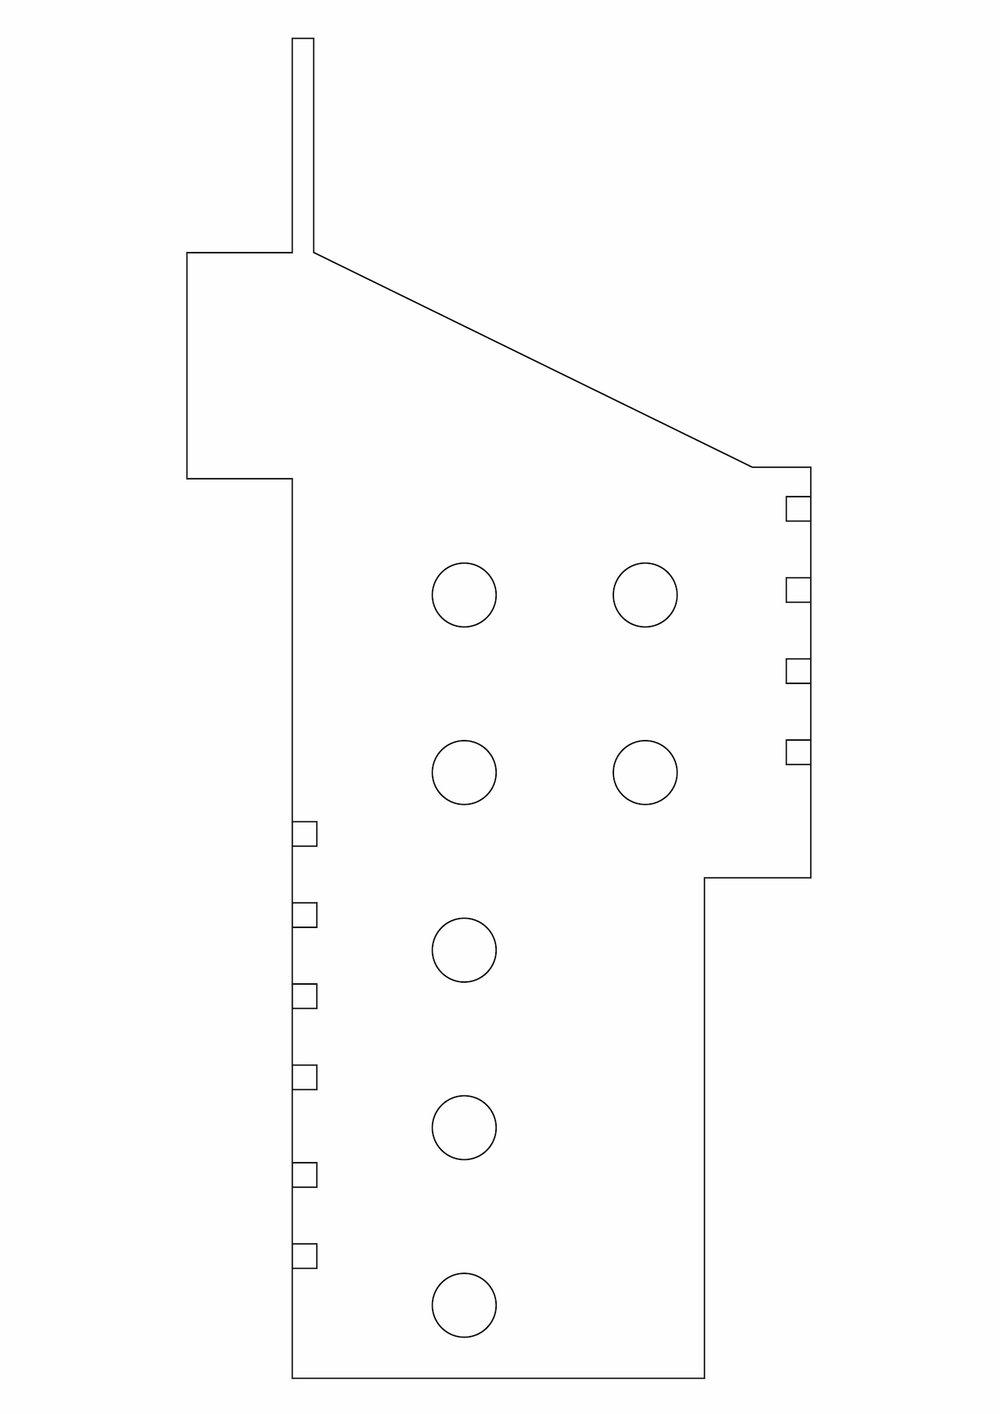 23_Zeichenfläche 1.jpg